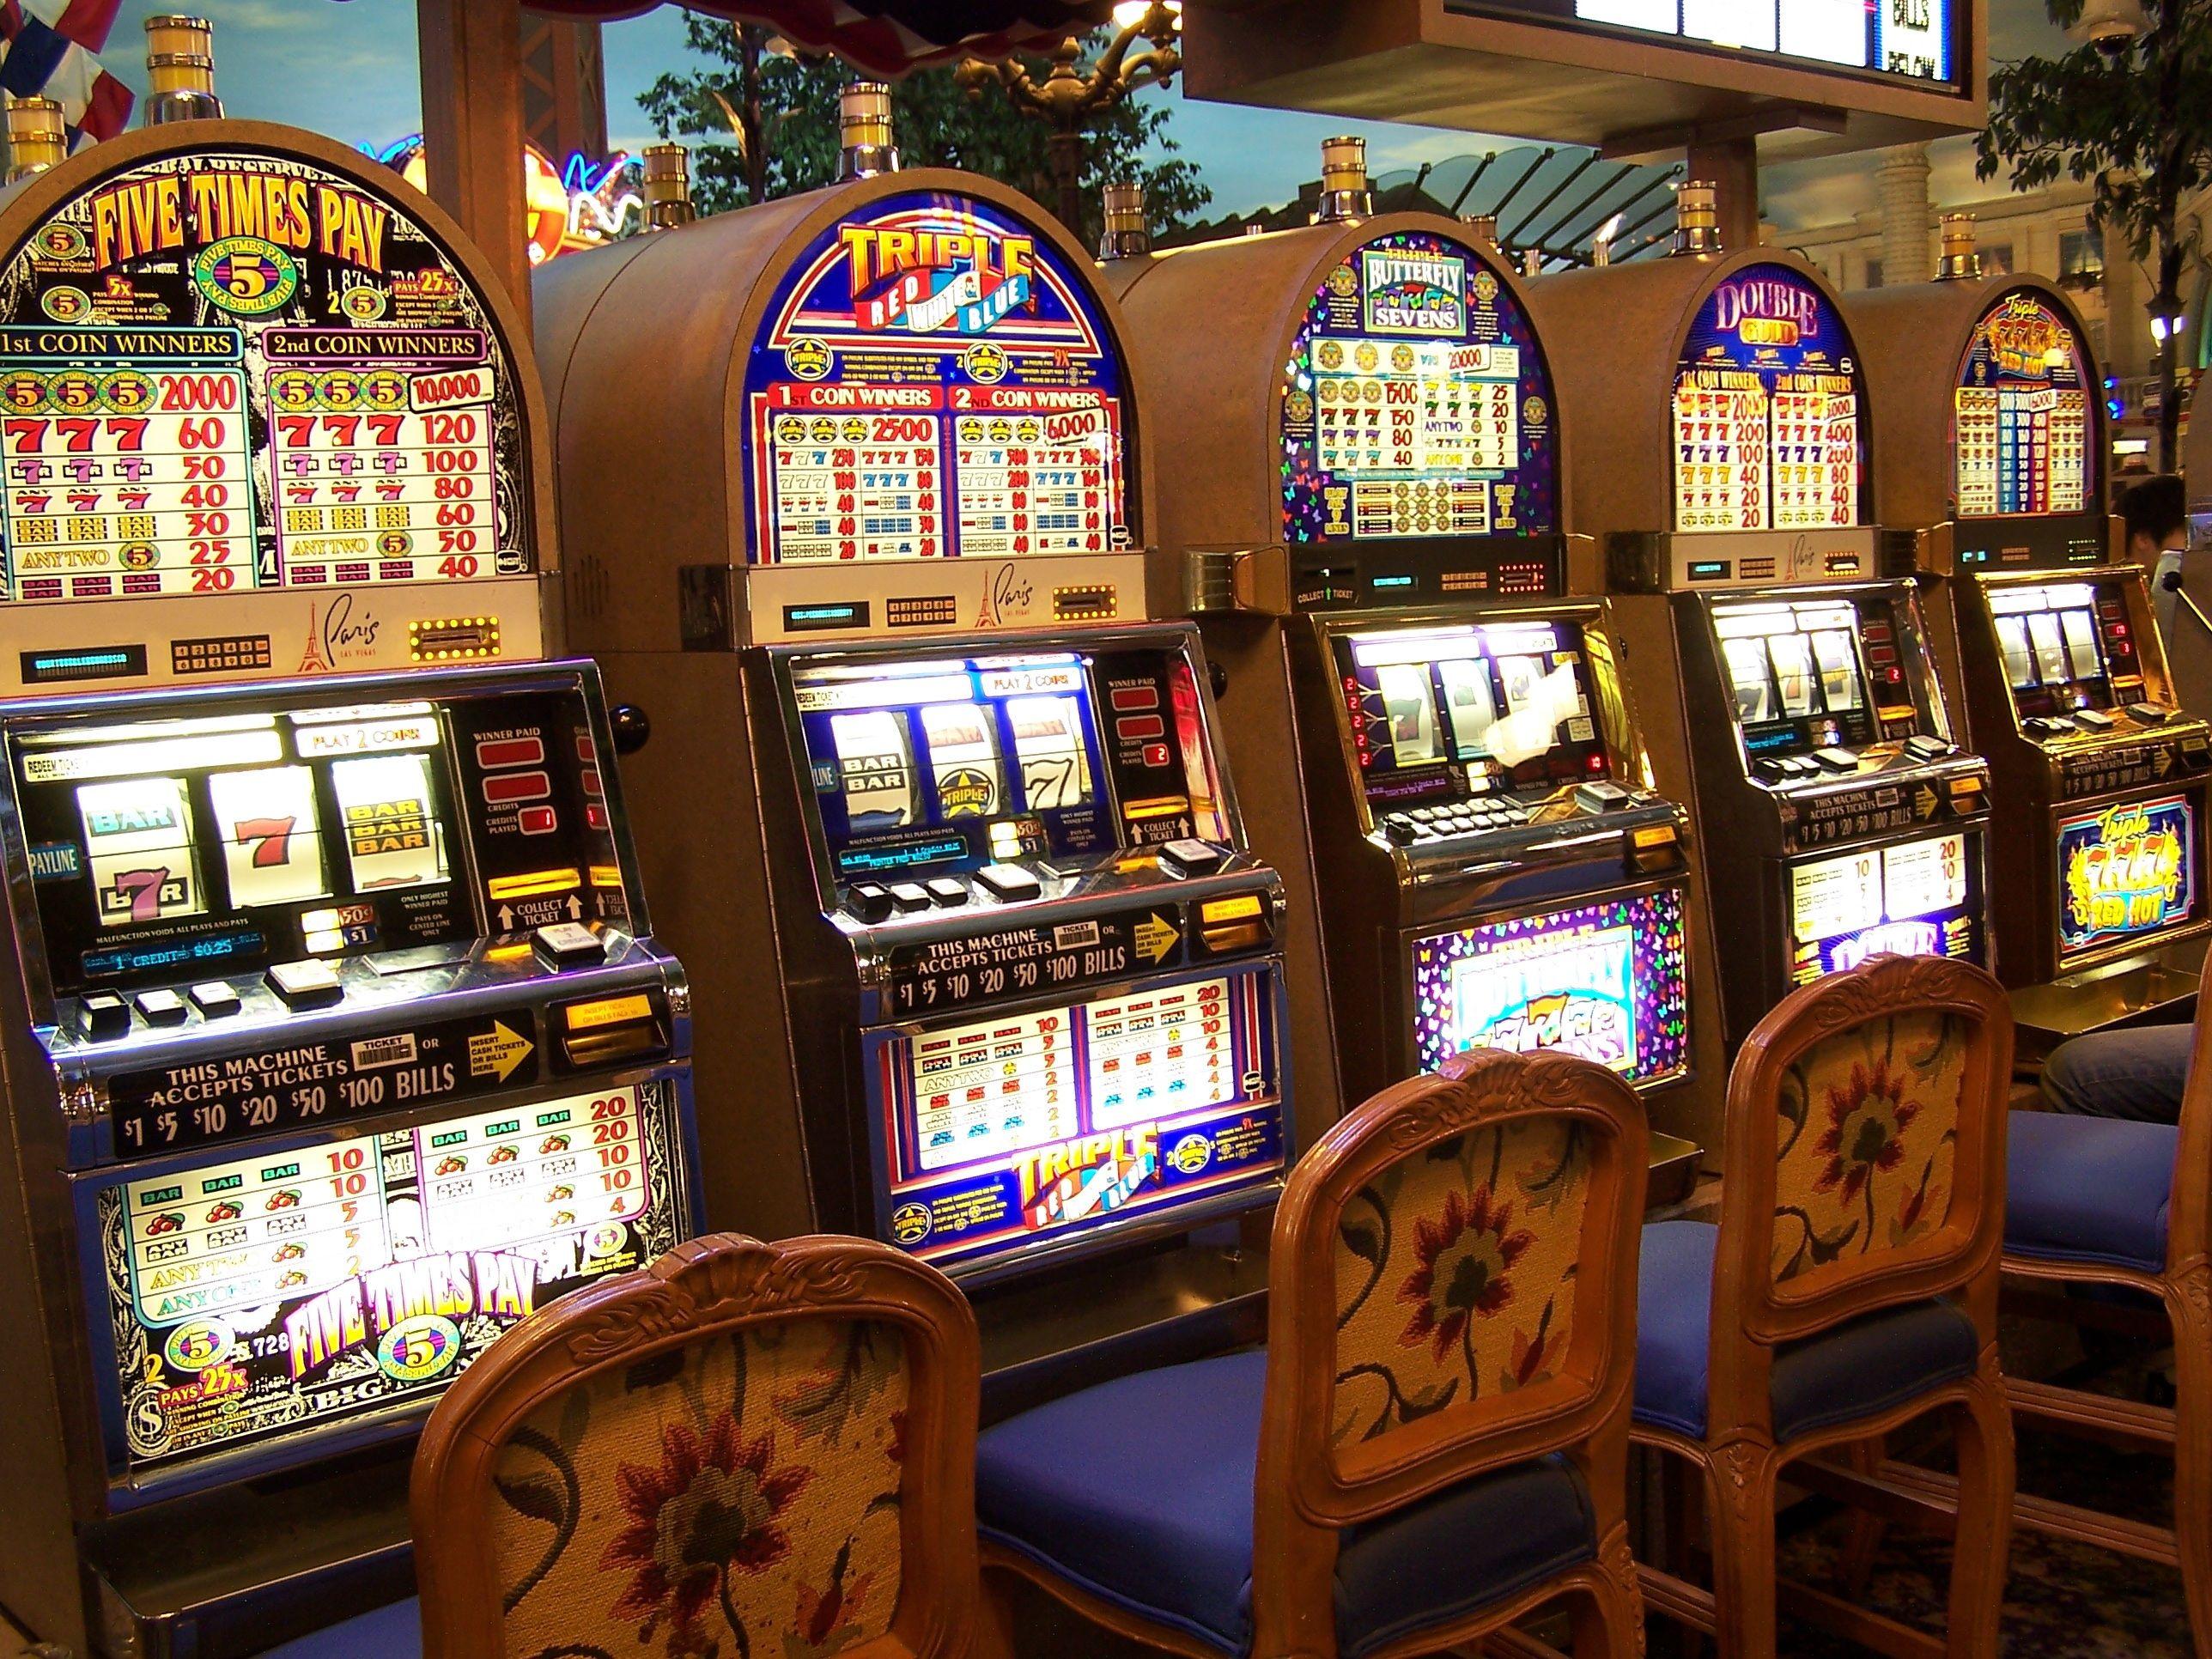 Nový zákon o hazardu je výhrou pro všechny, přináší zlepšení pro občany, stát i hazardní průmysl